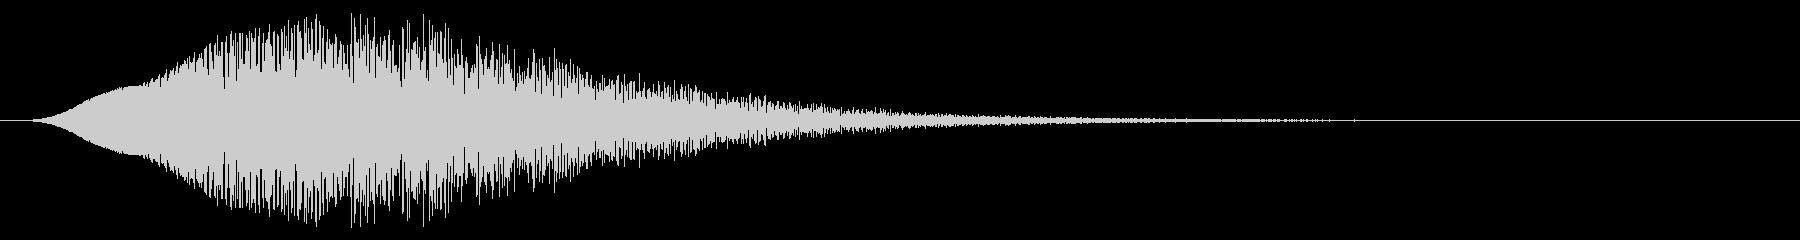 キラキラ/かわいい/決定音の未再生の波形